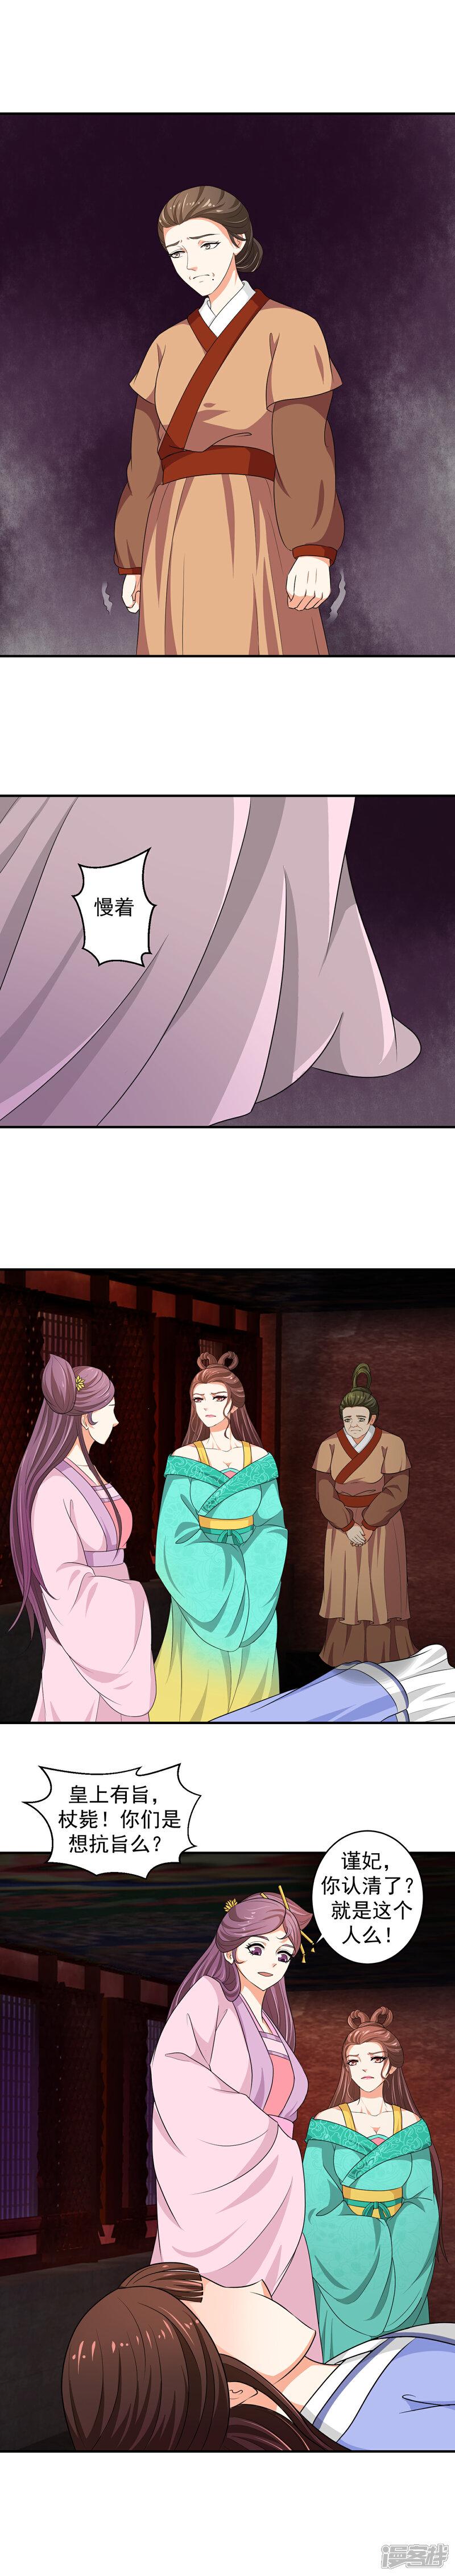 蛇蝎不好惹:弃后也妖娆漫画 第15话上 - 漫客栈